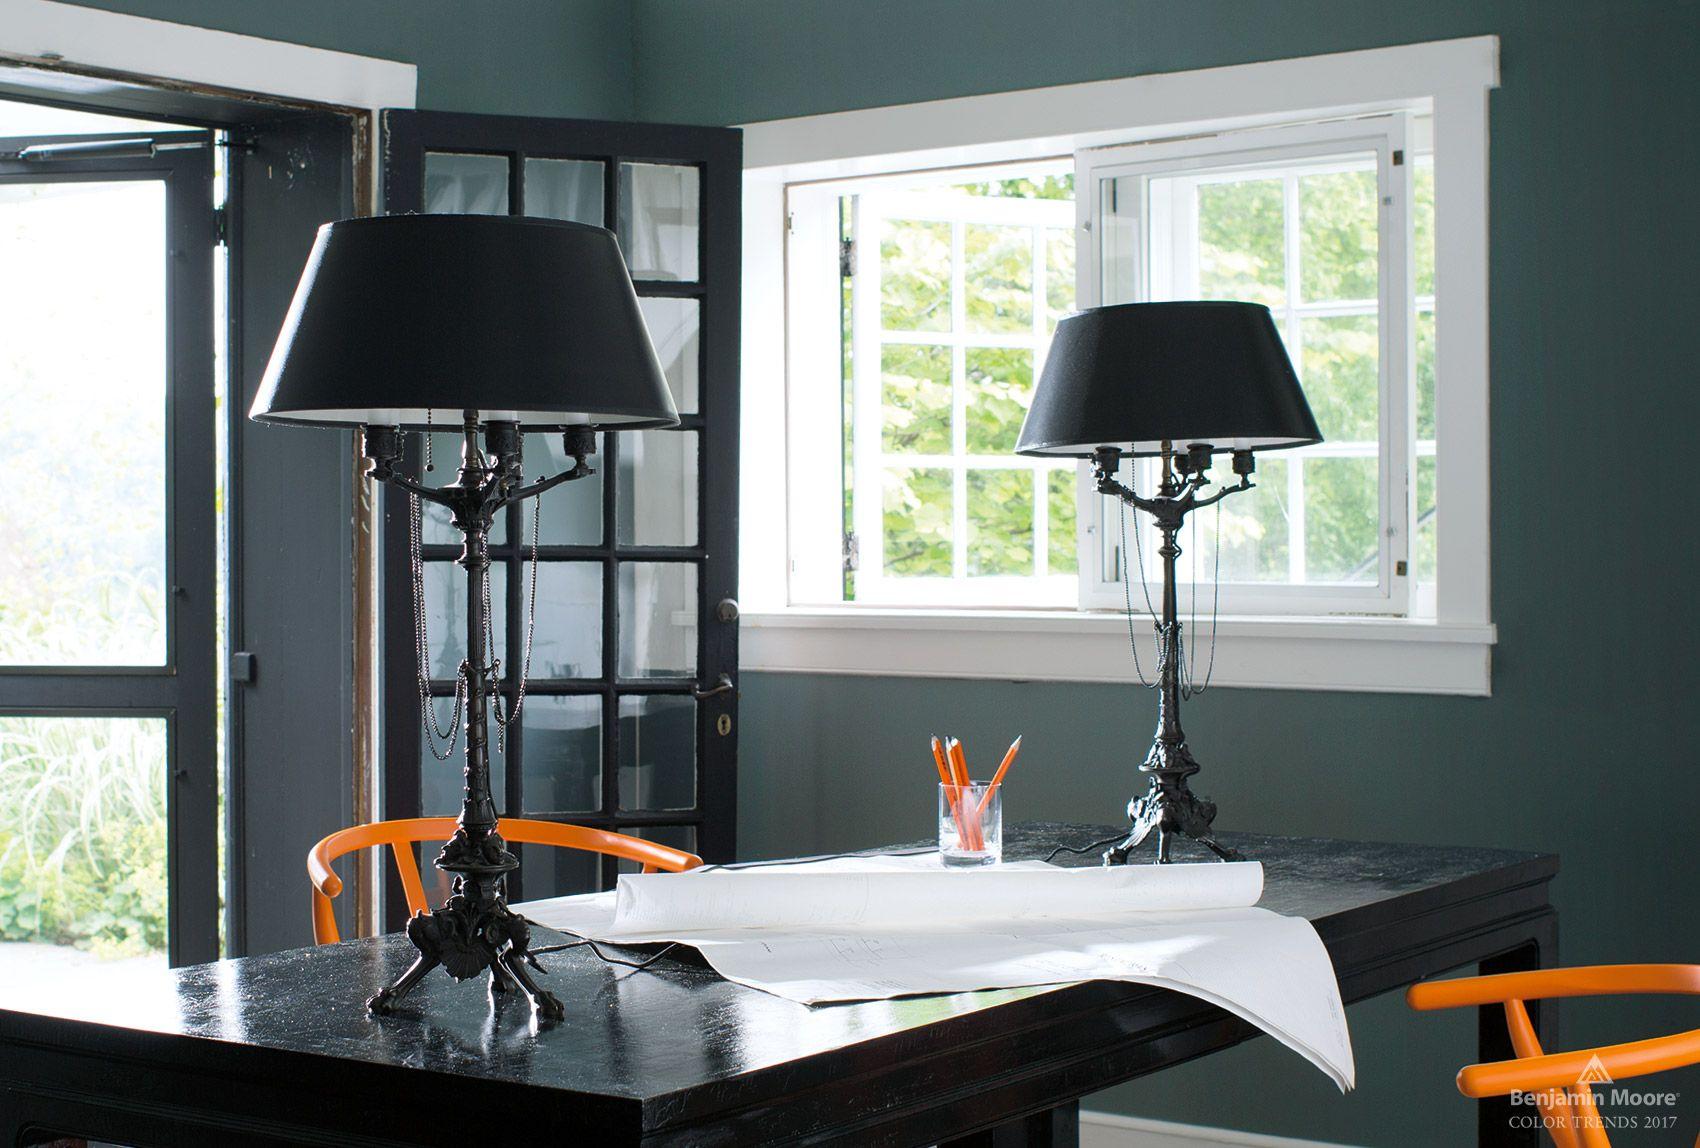 Home interior colors orange  color trends  benjamin moore green walls and condos